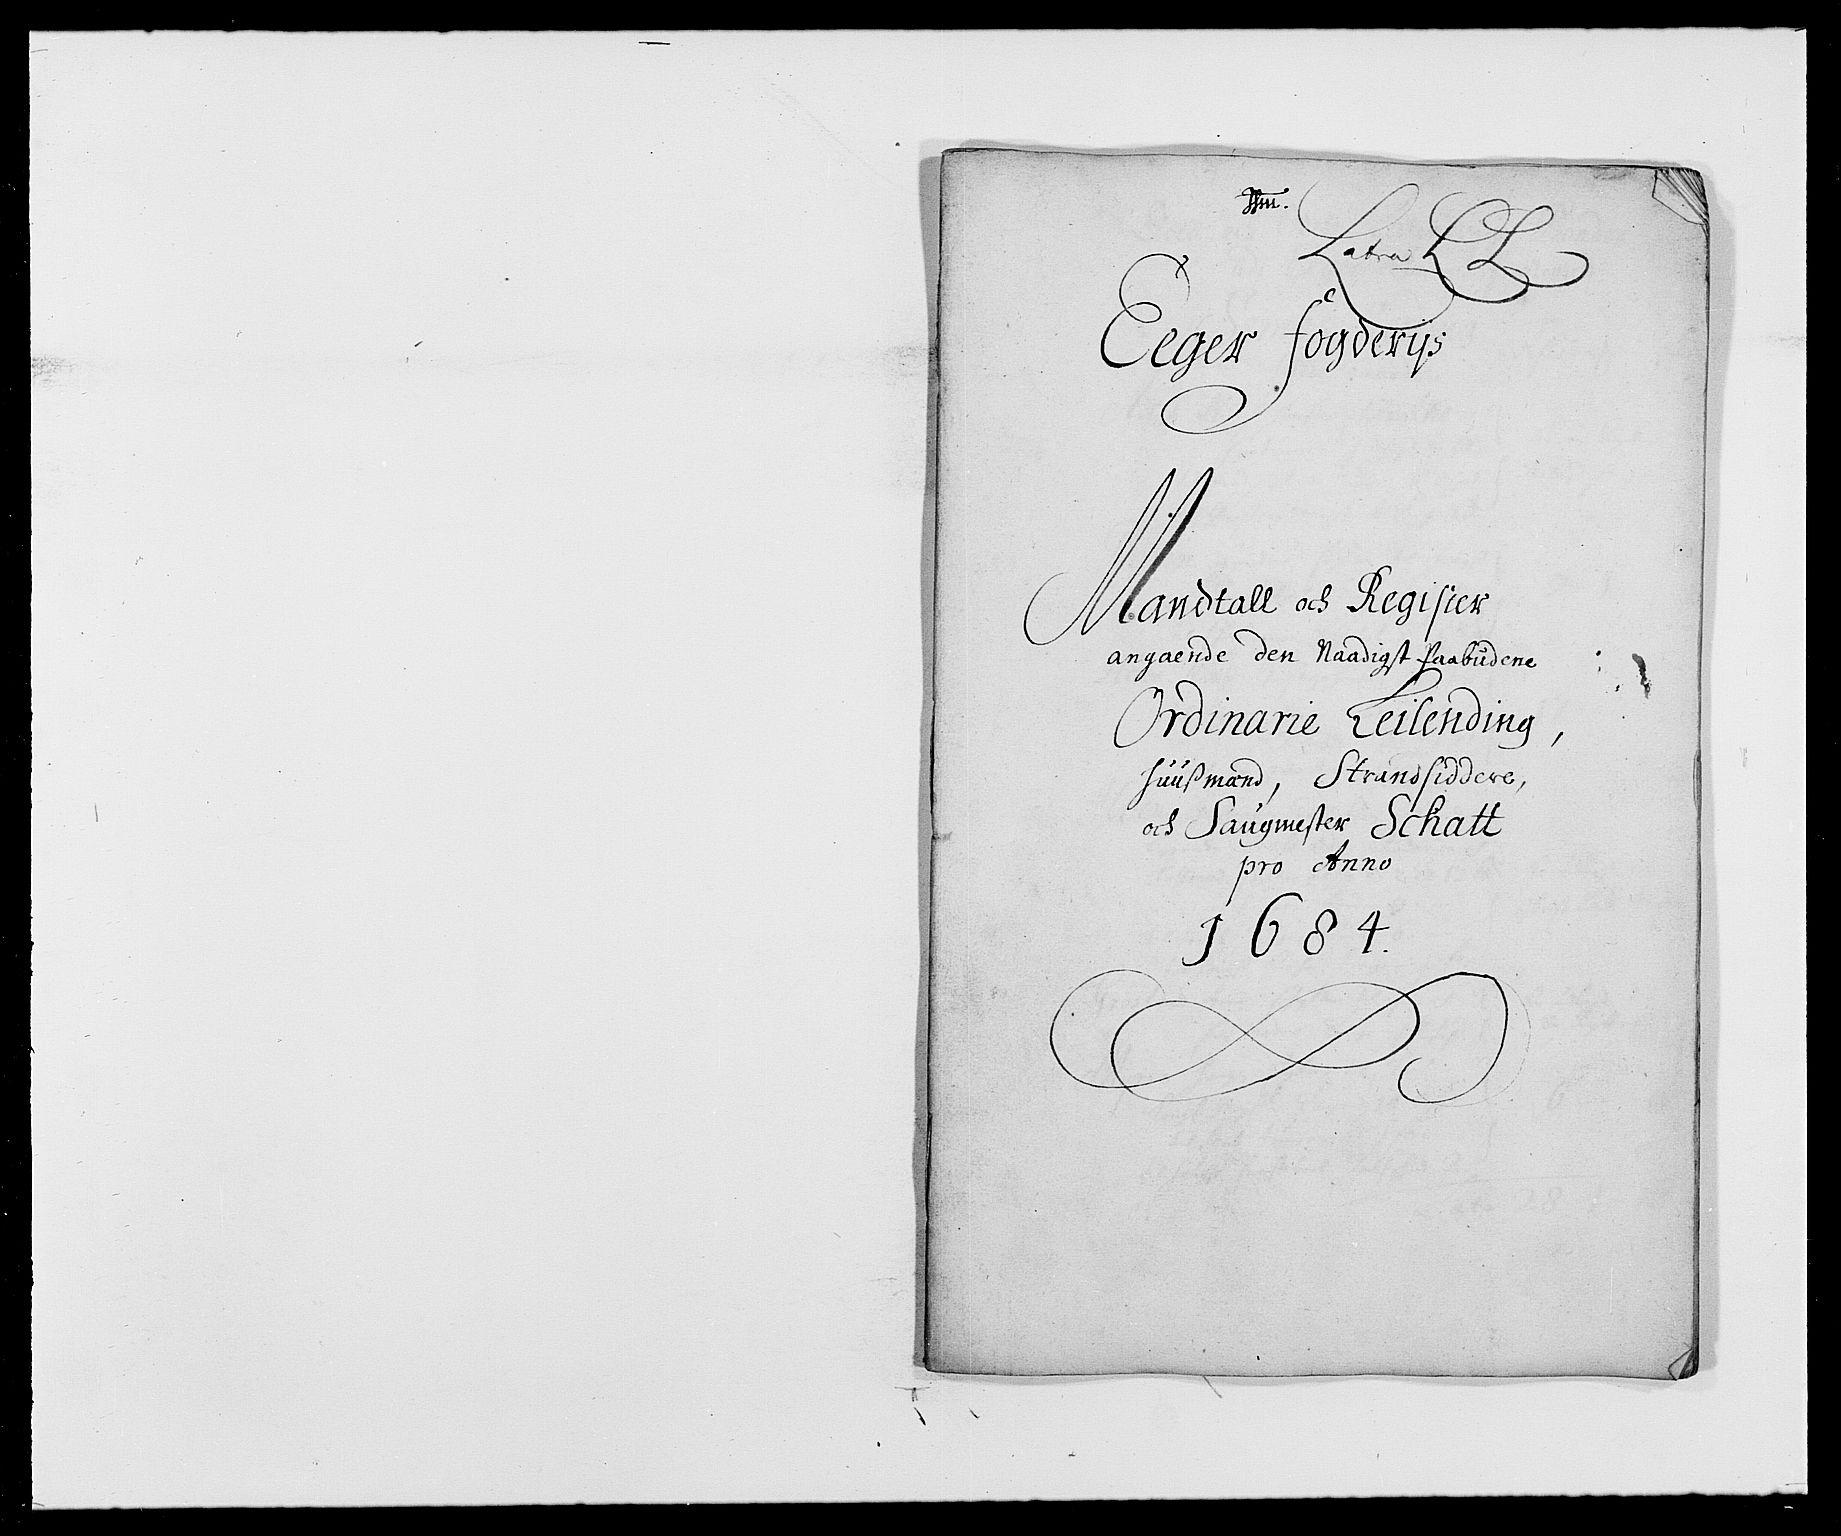 RA, Rentekammeret inntil 1814, Reviderte regnskaper, Fogderegnskap, R26/L1685: Fogderegnskap Eiker, 1679-1686, s. 10